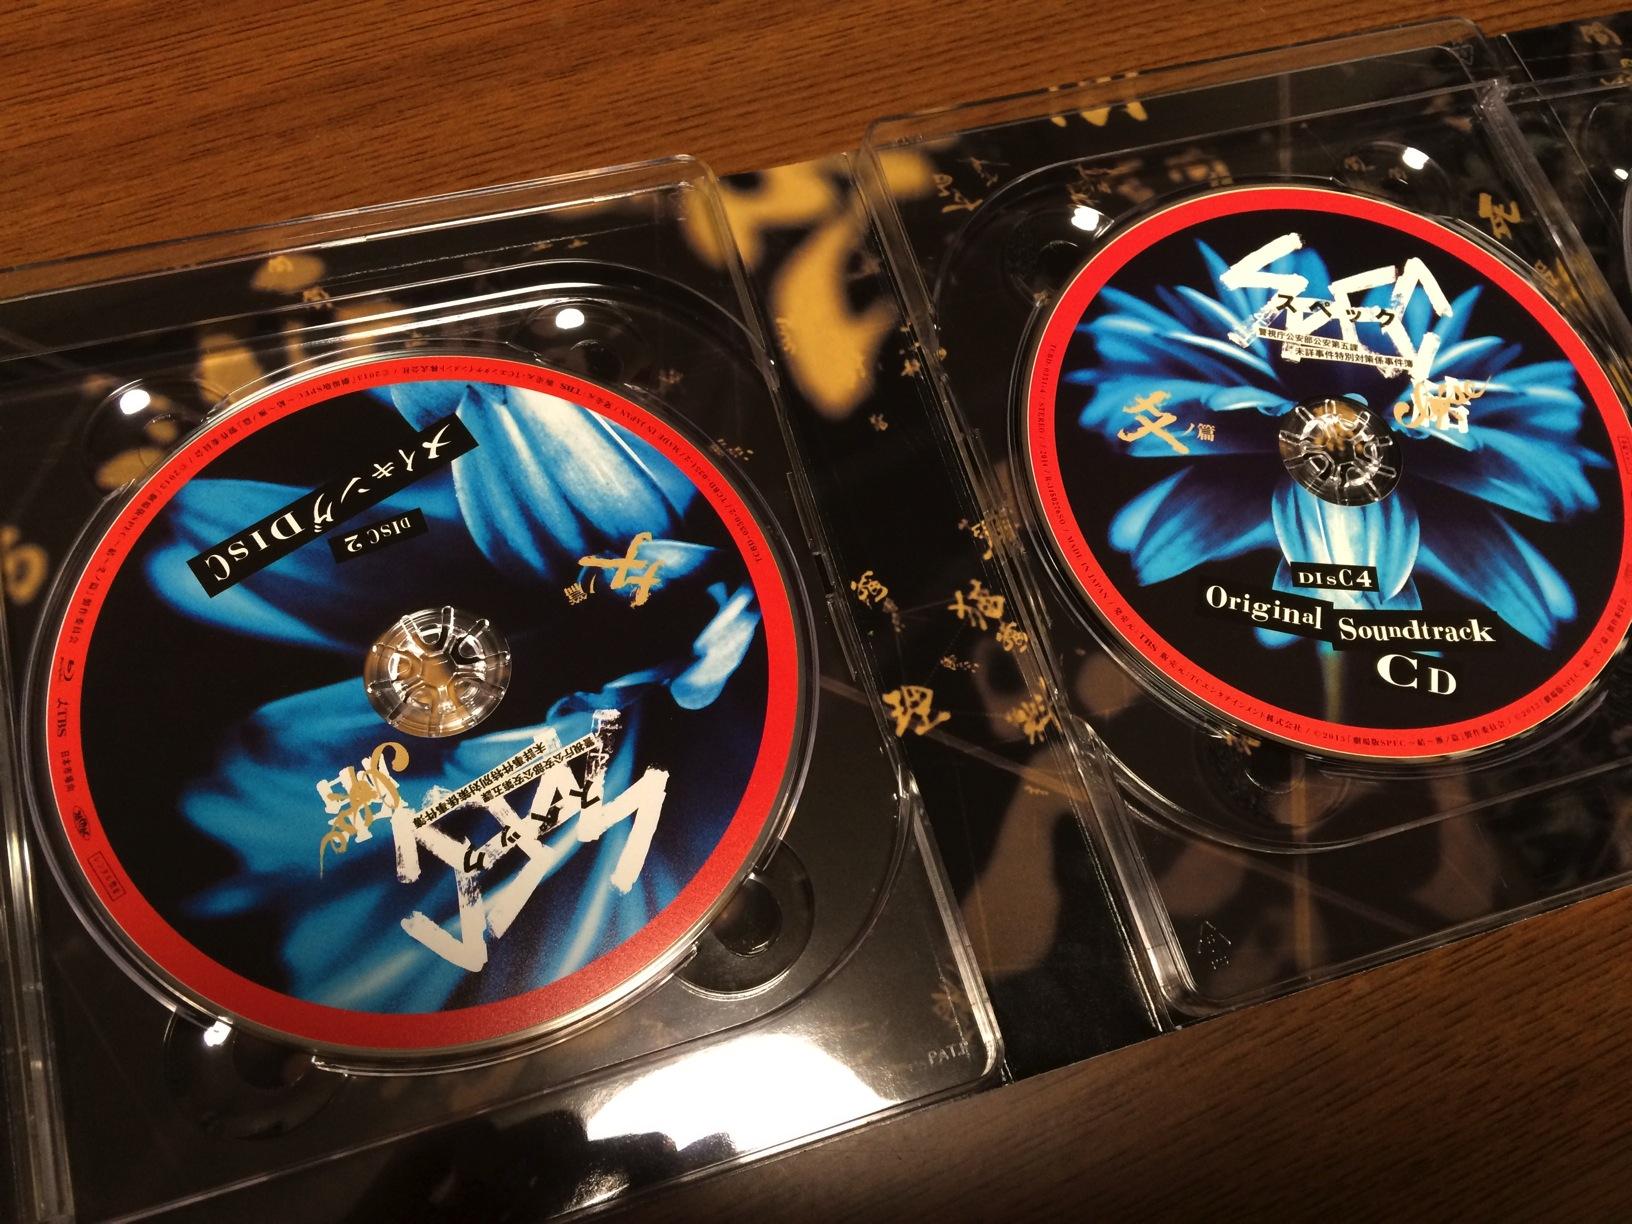 Spec close kounohen dvd blu ray 06